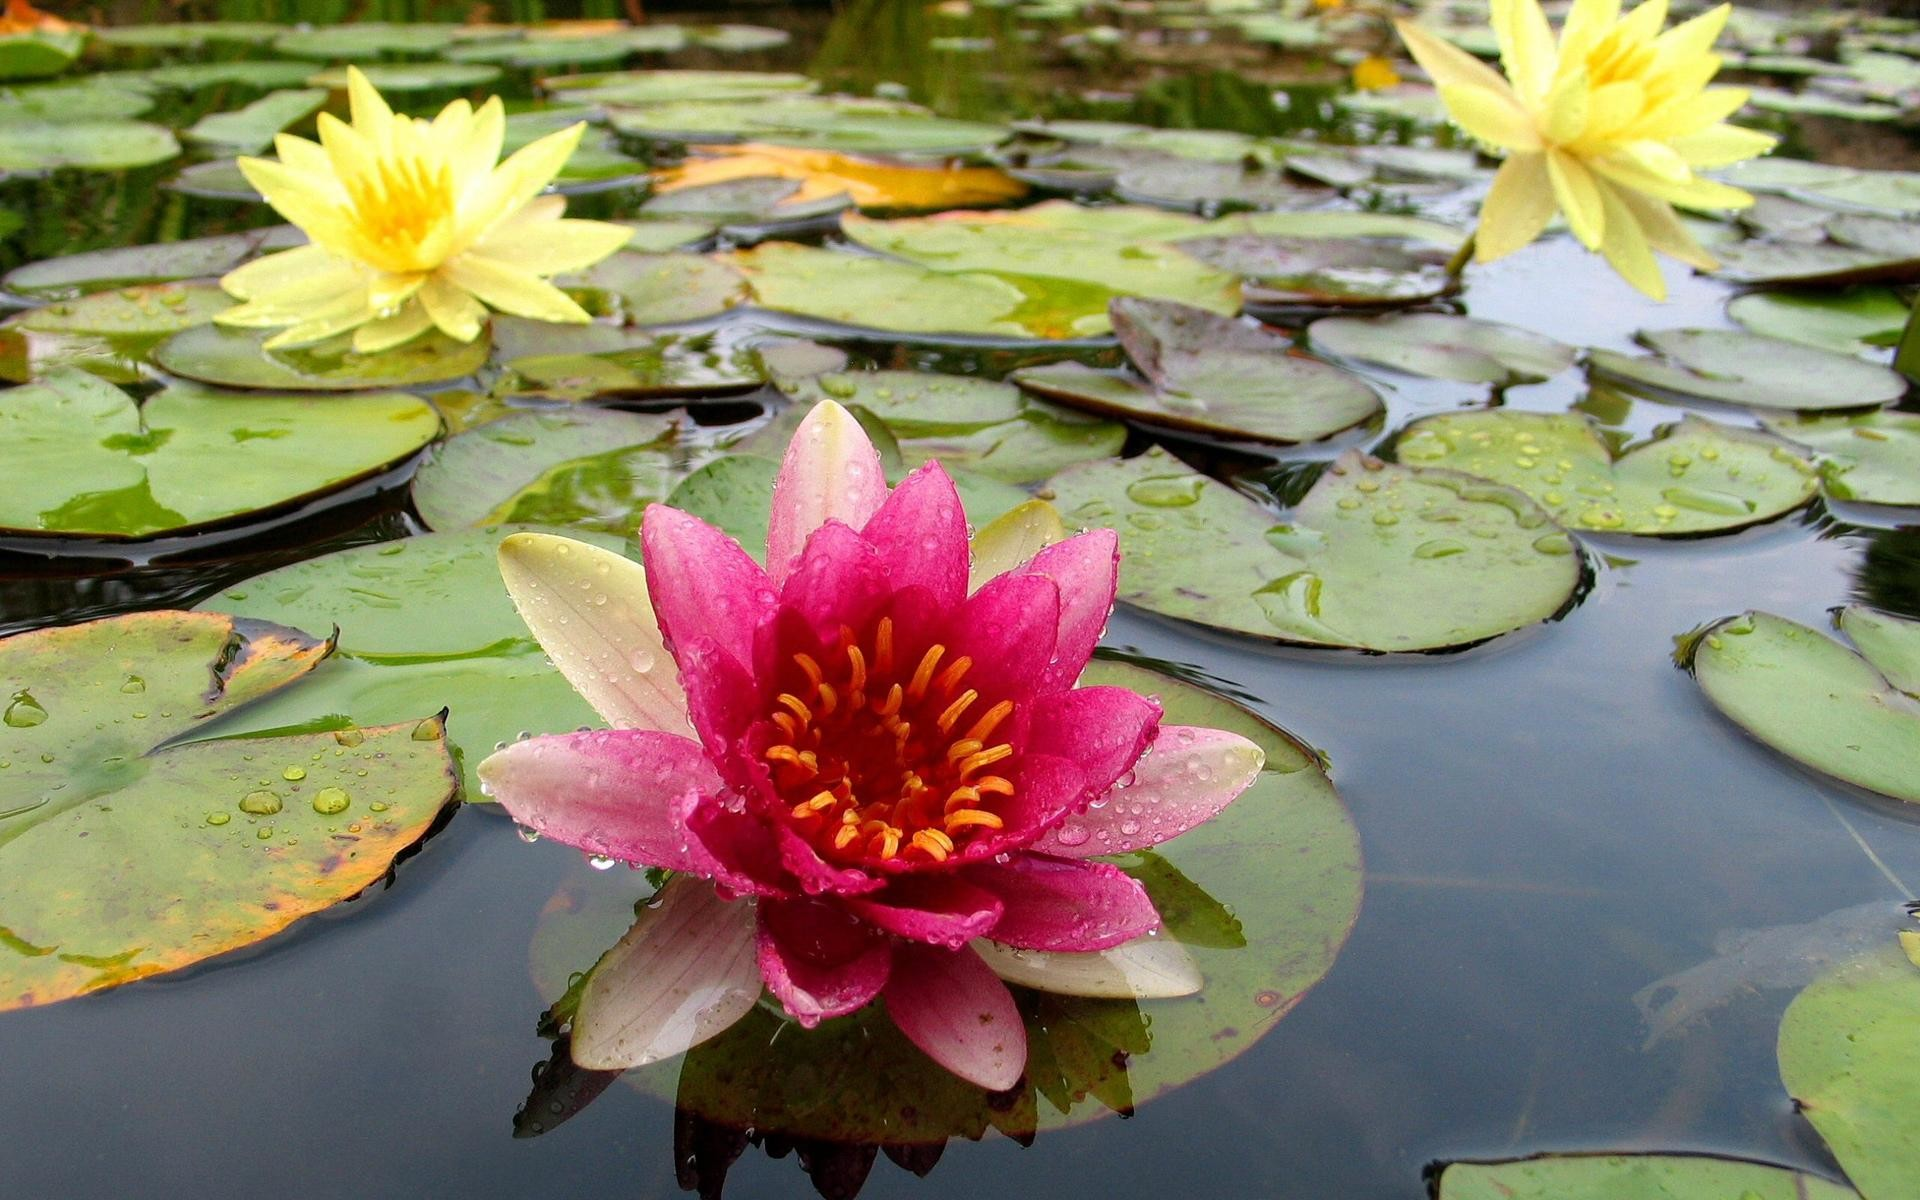 Imagenes De Flores Acuaticas Gratis Para Whatsapp 8   wazaperos.com